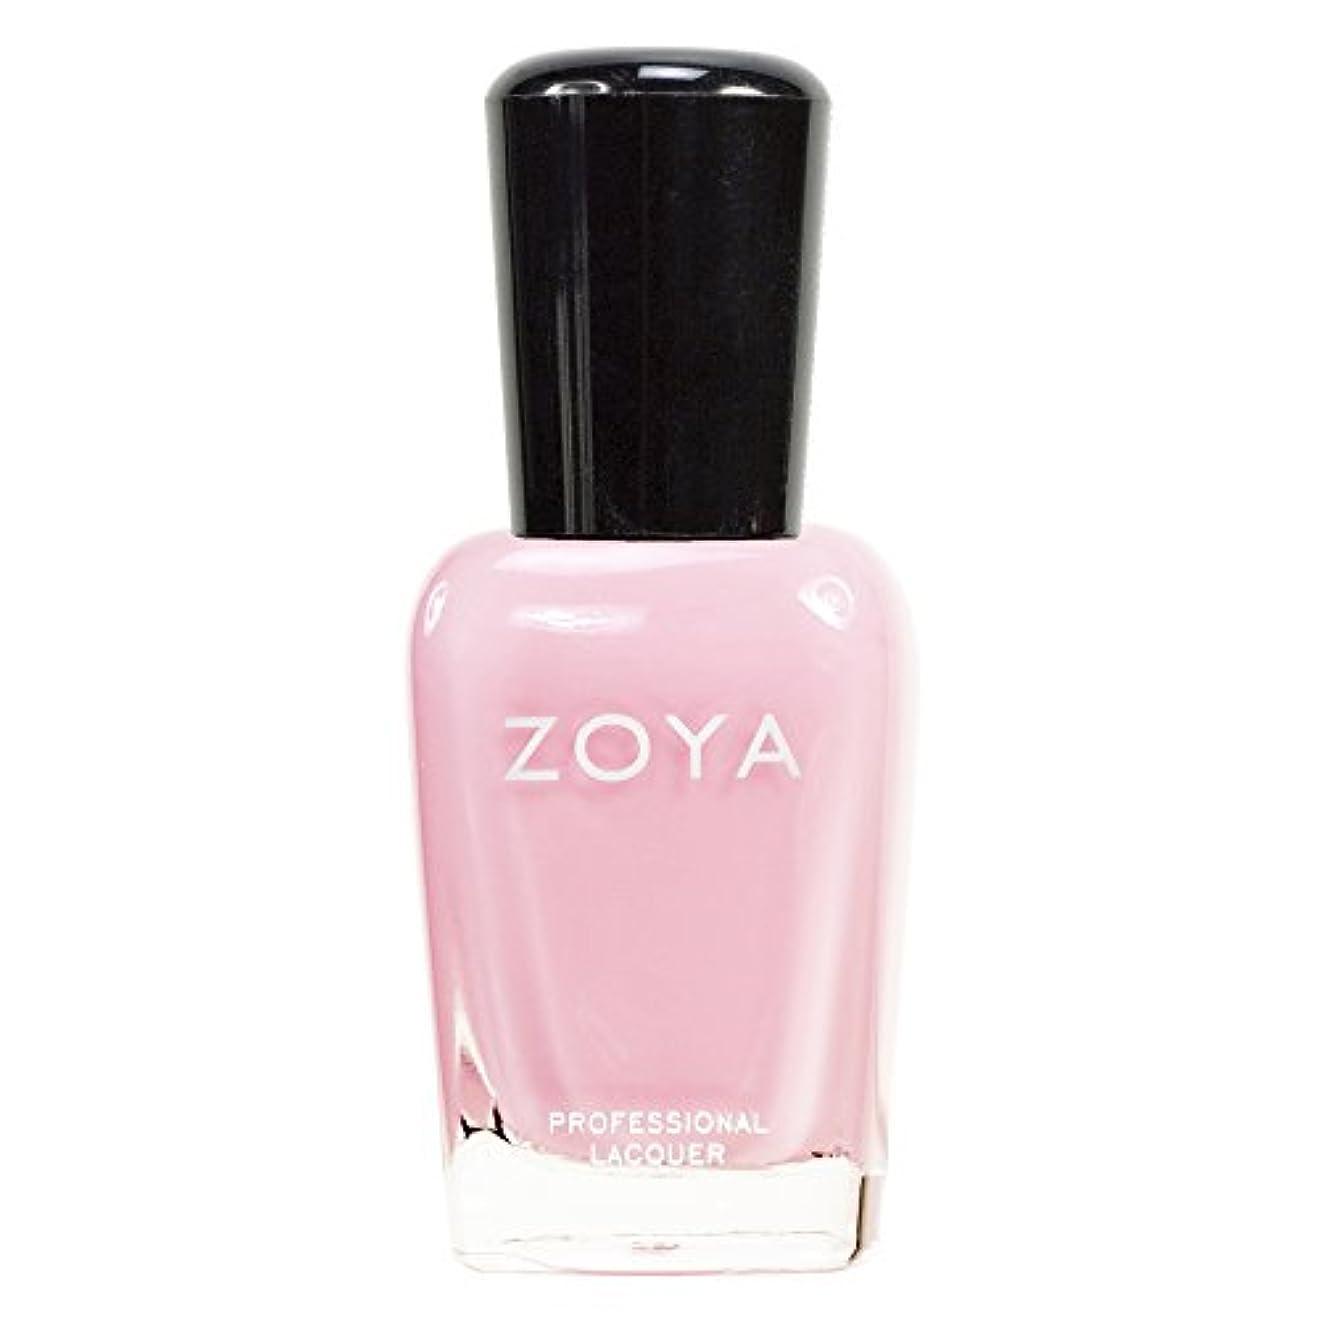 予算伝導放課後ZOYA ゾーヤ ネイルカラーZP315 BELA ベラ 15ml 淡く優しいクリーミーなピンク マット 爪にやさしいネイルラッカーマニキュア